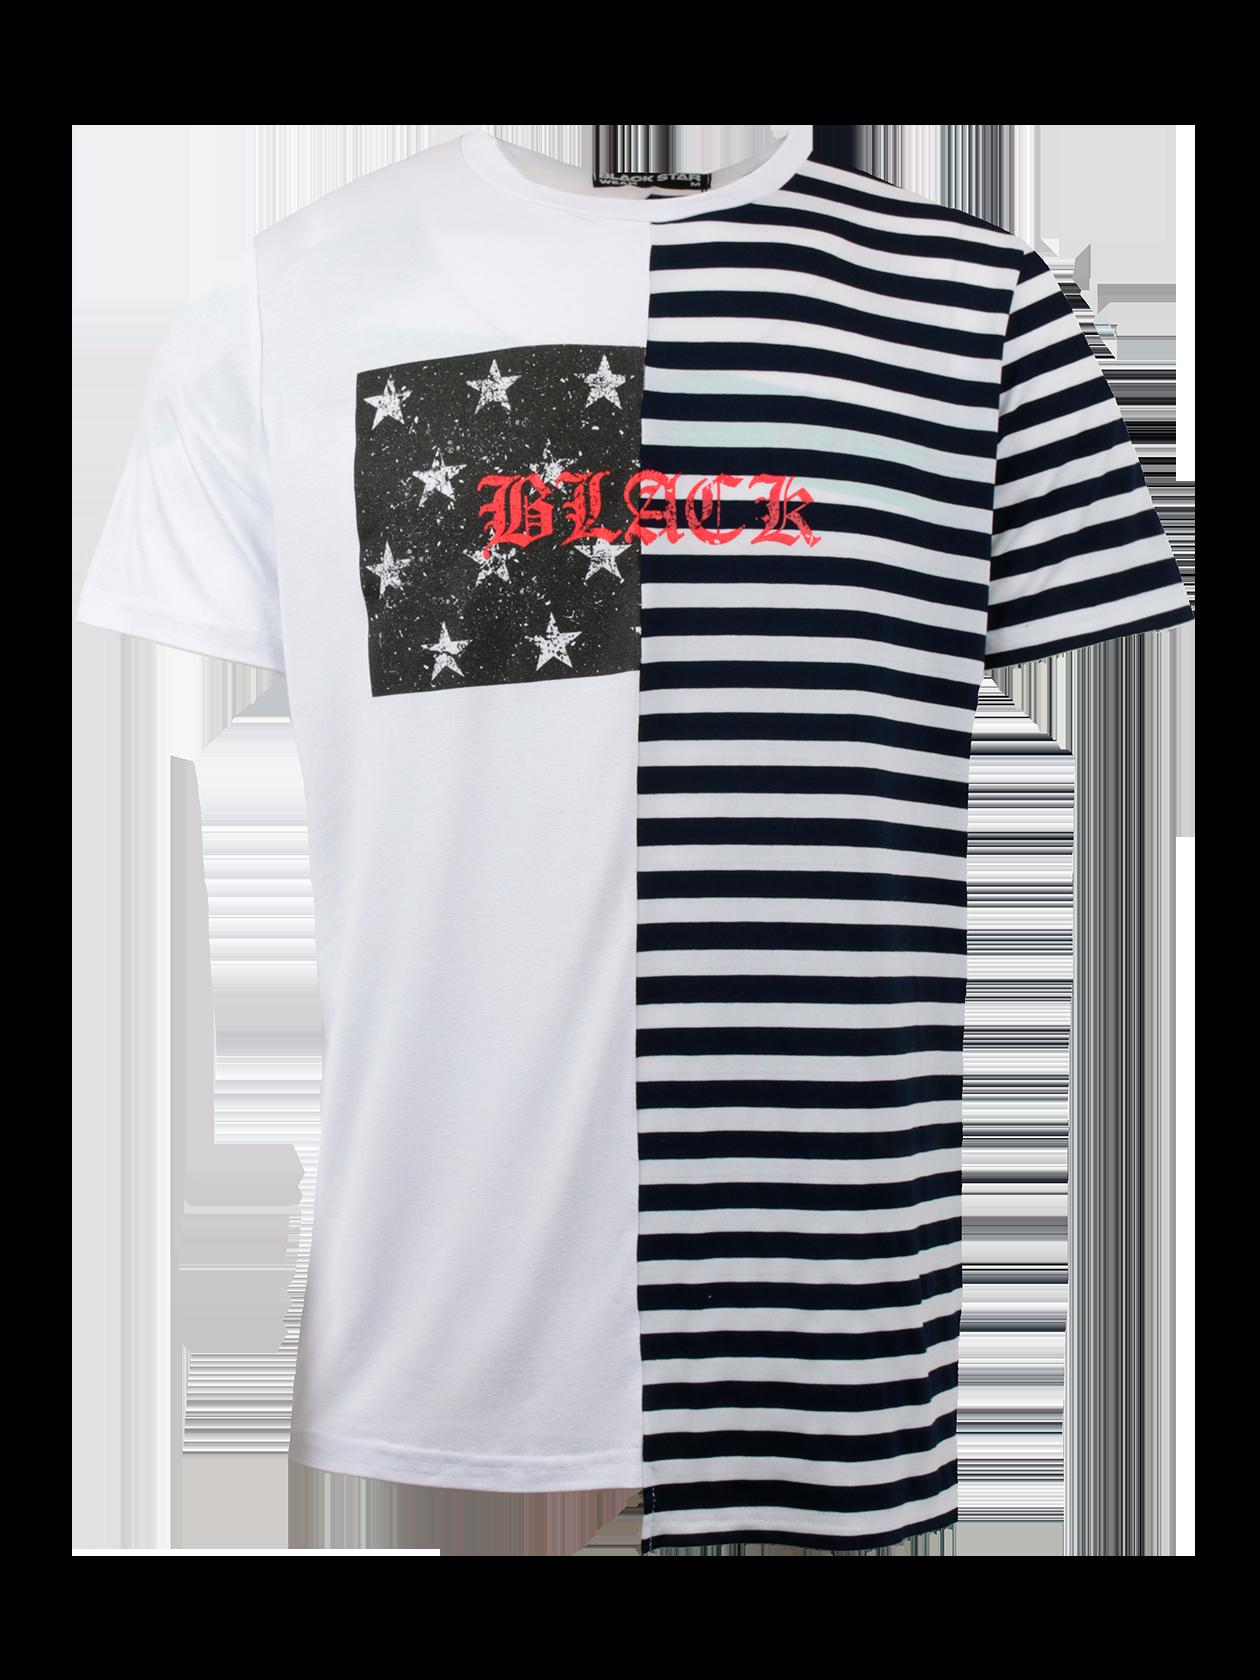 Футболка мужская HALF BLACK STARФутболка мужская Half Black Star – идеальное решение для создания образа спортивного и повседневного стиля. Удлиненная модель традиционного прямого кроя с коротким свободным рукавом. Узкая горловина с эластичной окантовкой содержит на внутренней стороне лейбл Black Star Wear. Изделие привлекает внимание оригинальной расцветкой – одна половина белого цвета, другая оформлена полосками. На груди крупный принт со звездами и надпись красными буквами Black. Созданная из натурального хлопка, футболка мужская отличается высокой практичностью и износоустойчивостью.<br><br>Размер: S<br>Цвет: Белый<br>Пол: Мужской